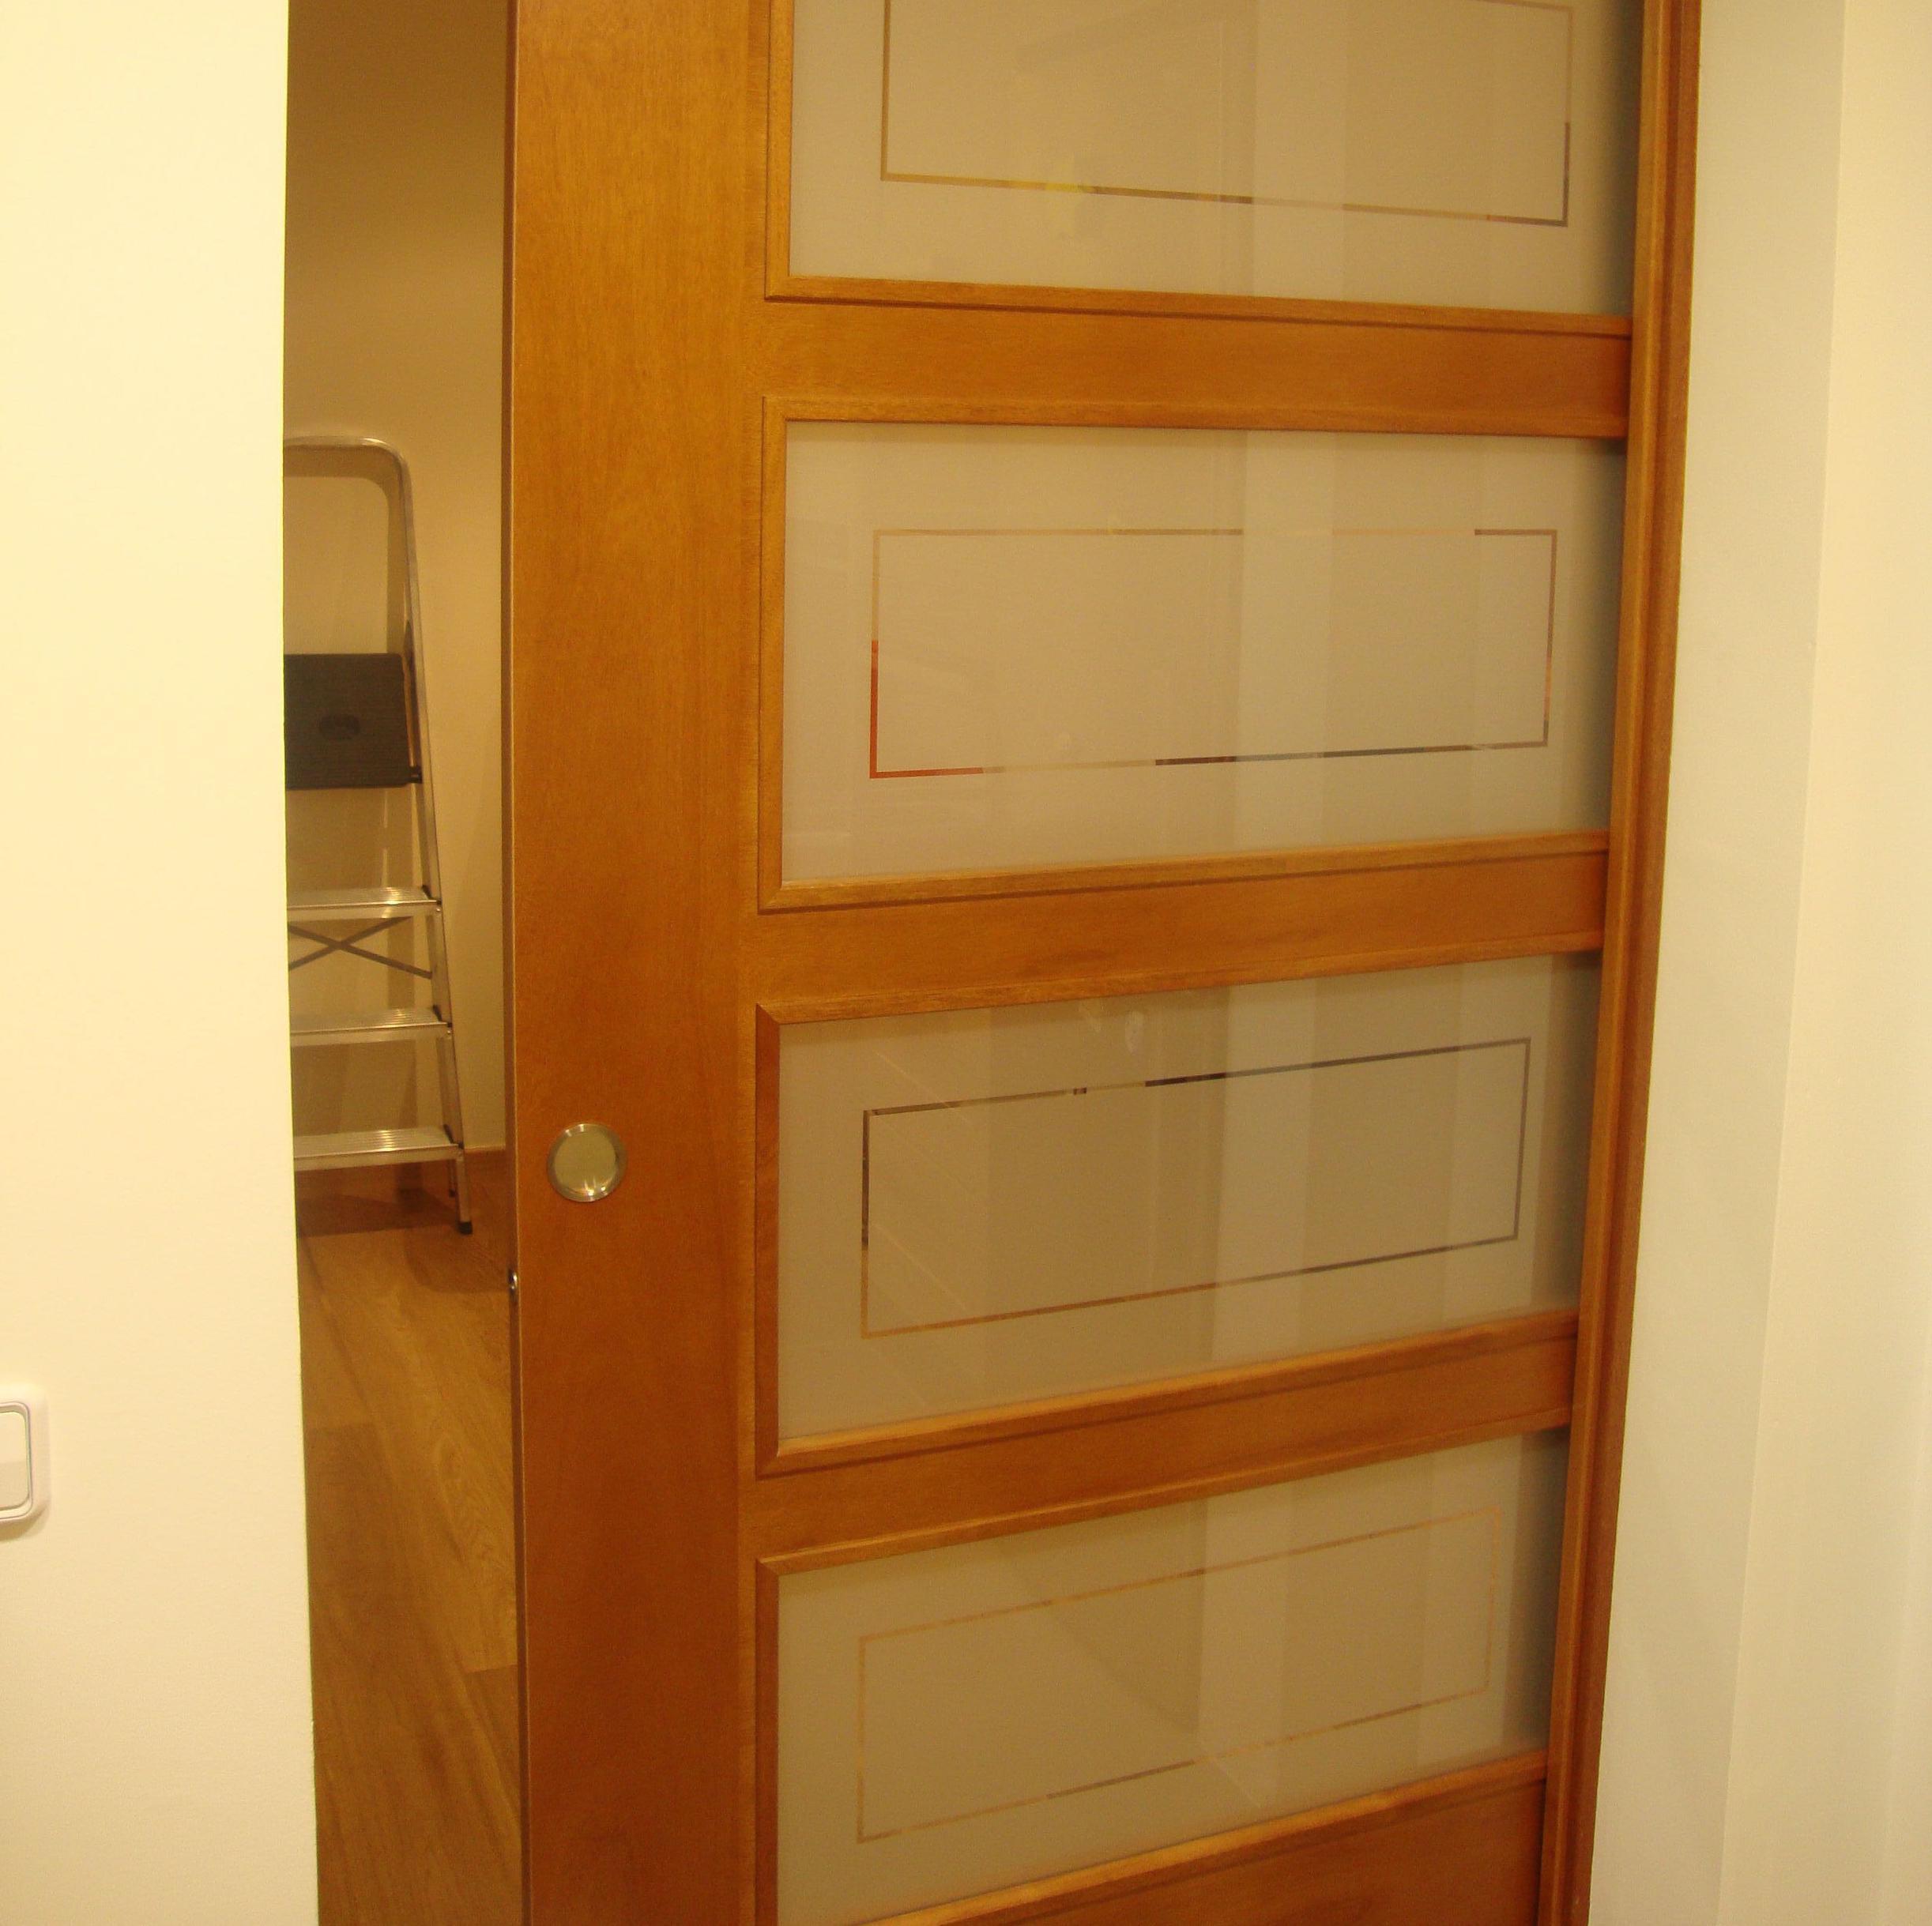 Puertas de interior armarios puertas y puertas de - Puertas para armarios ...